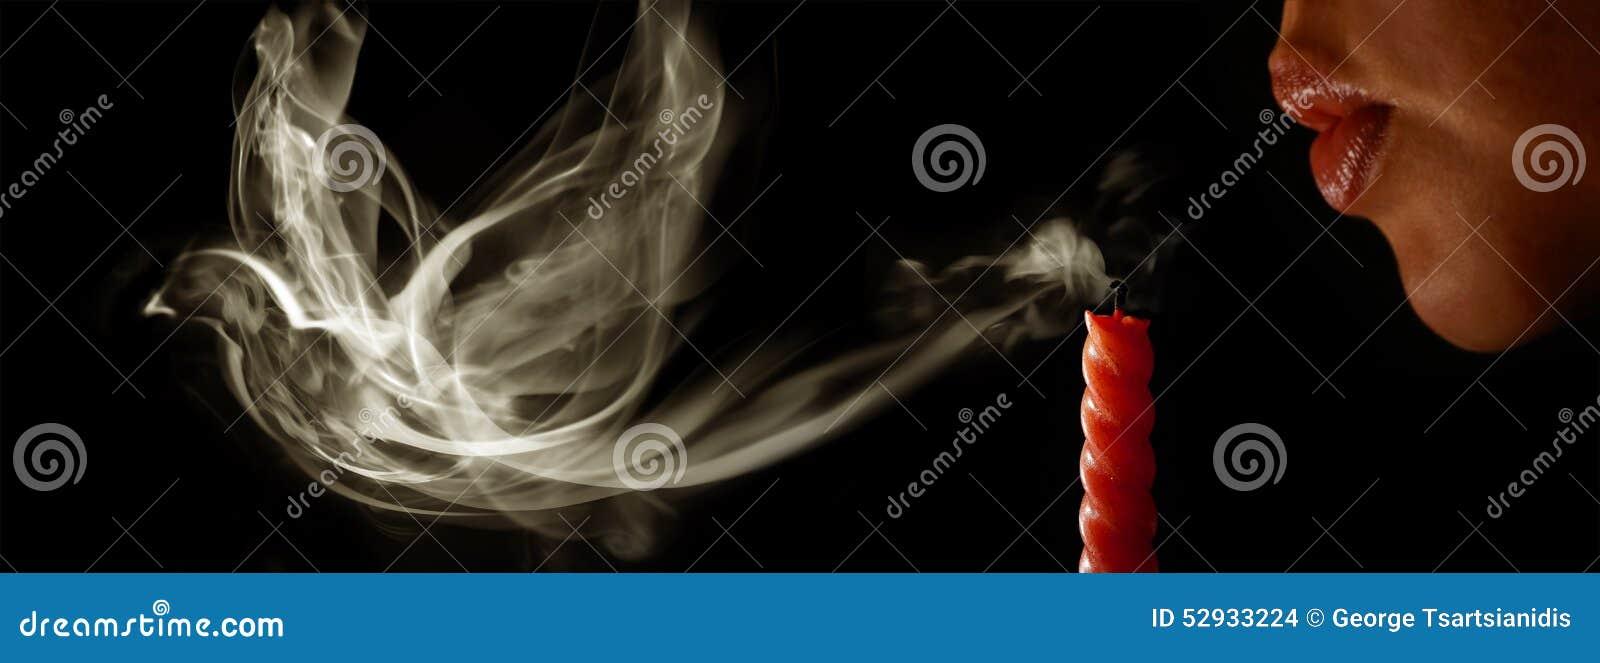 la femme souffle une bougie photo stock image 52933224